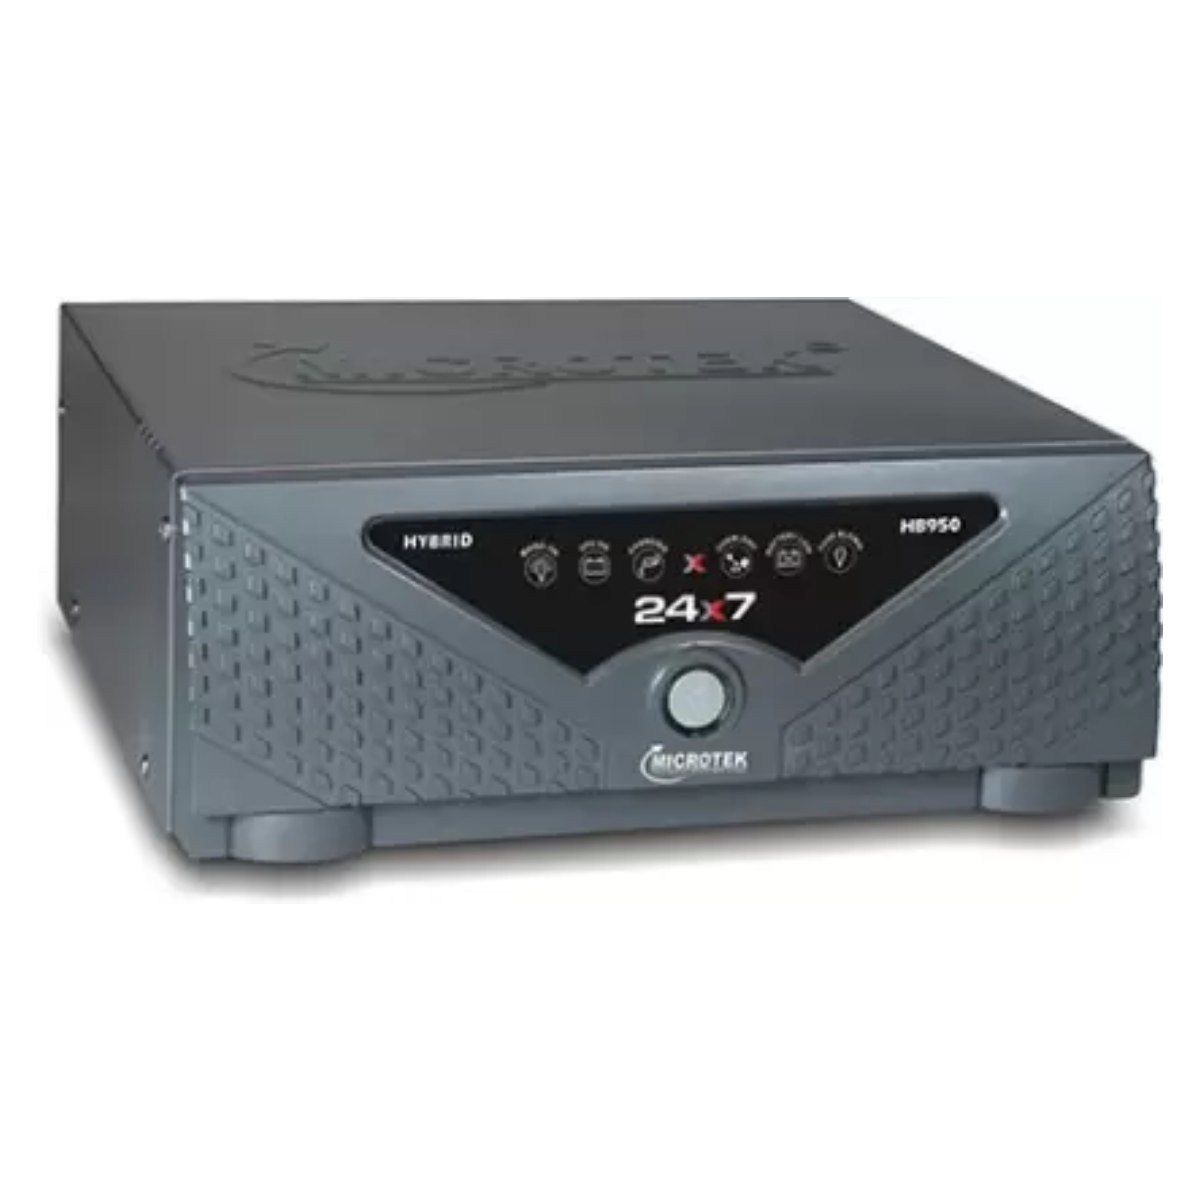 Microtek UPS 24x7 HB 950V2 Pure Sine Wave Inverter